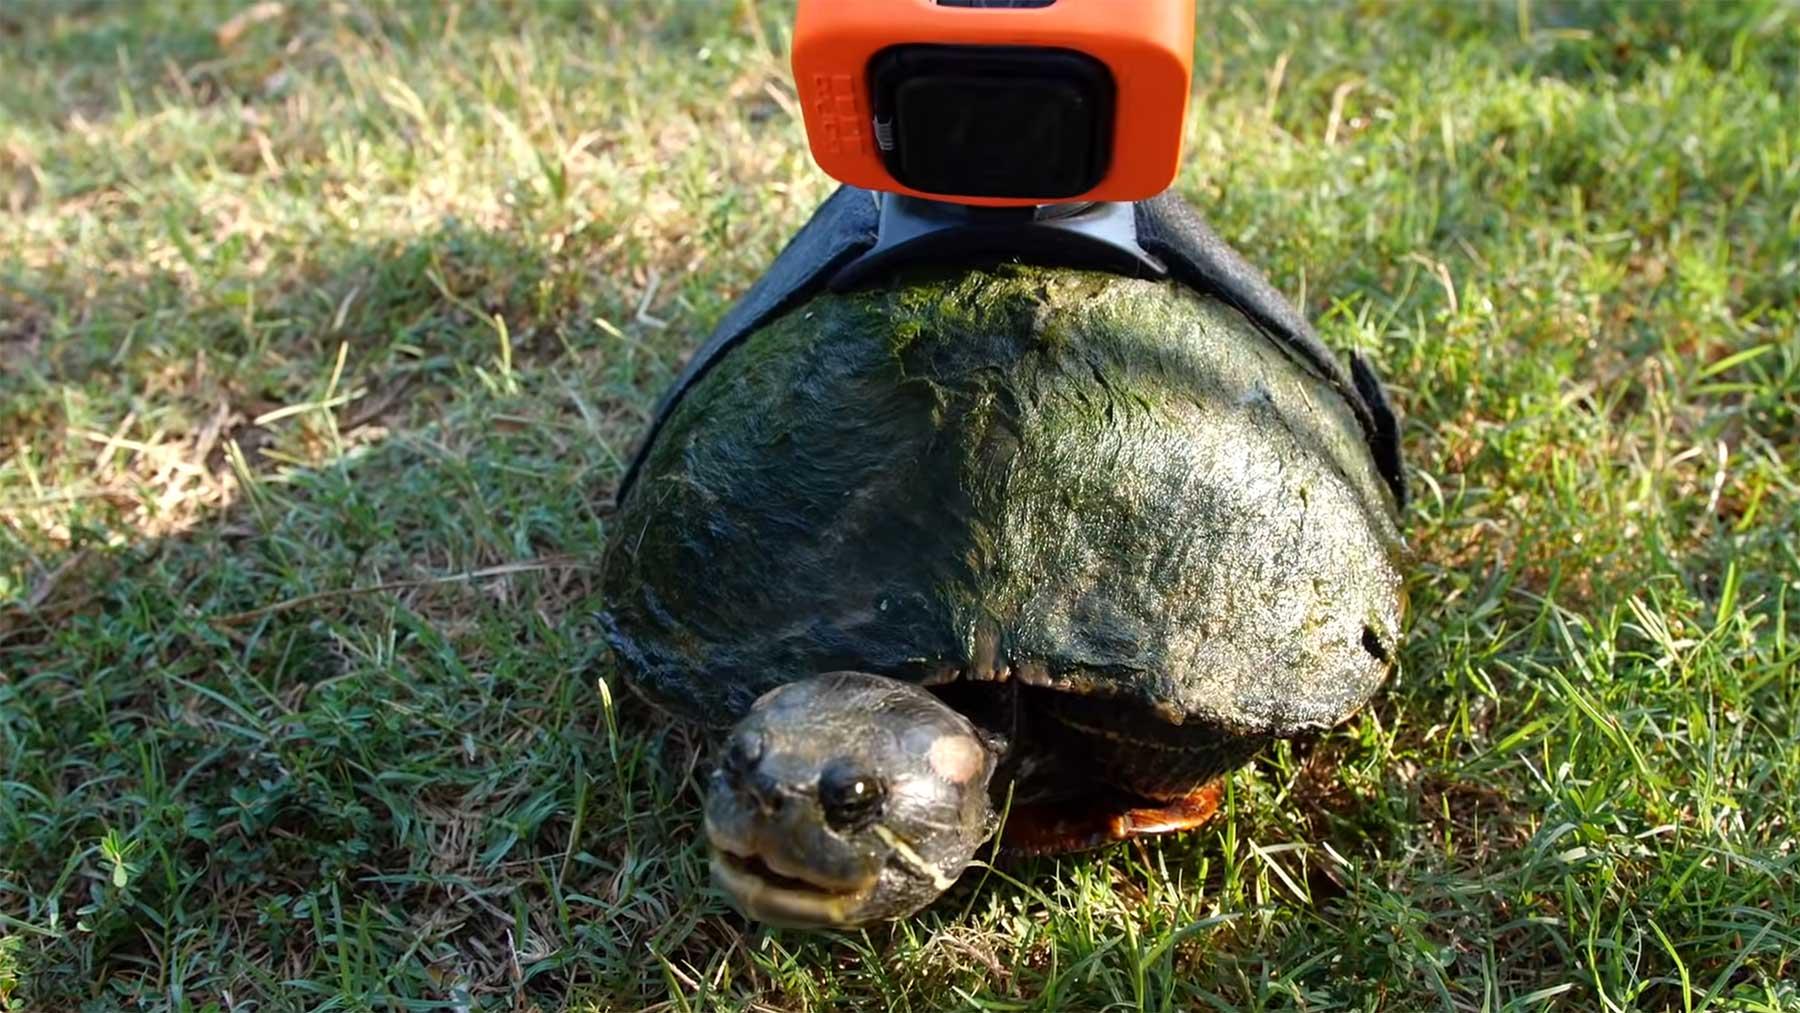 An Tag am Teich aus der Sicht einer Schildkröte Leben-aus-der-Sicht-einer-Schildkroete